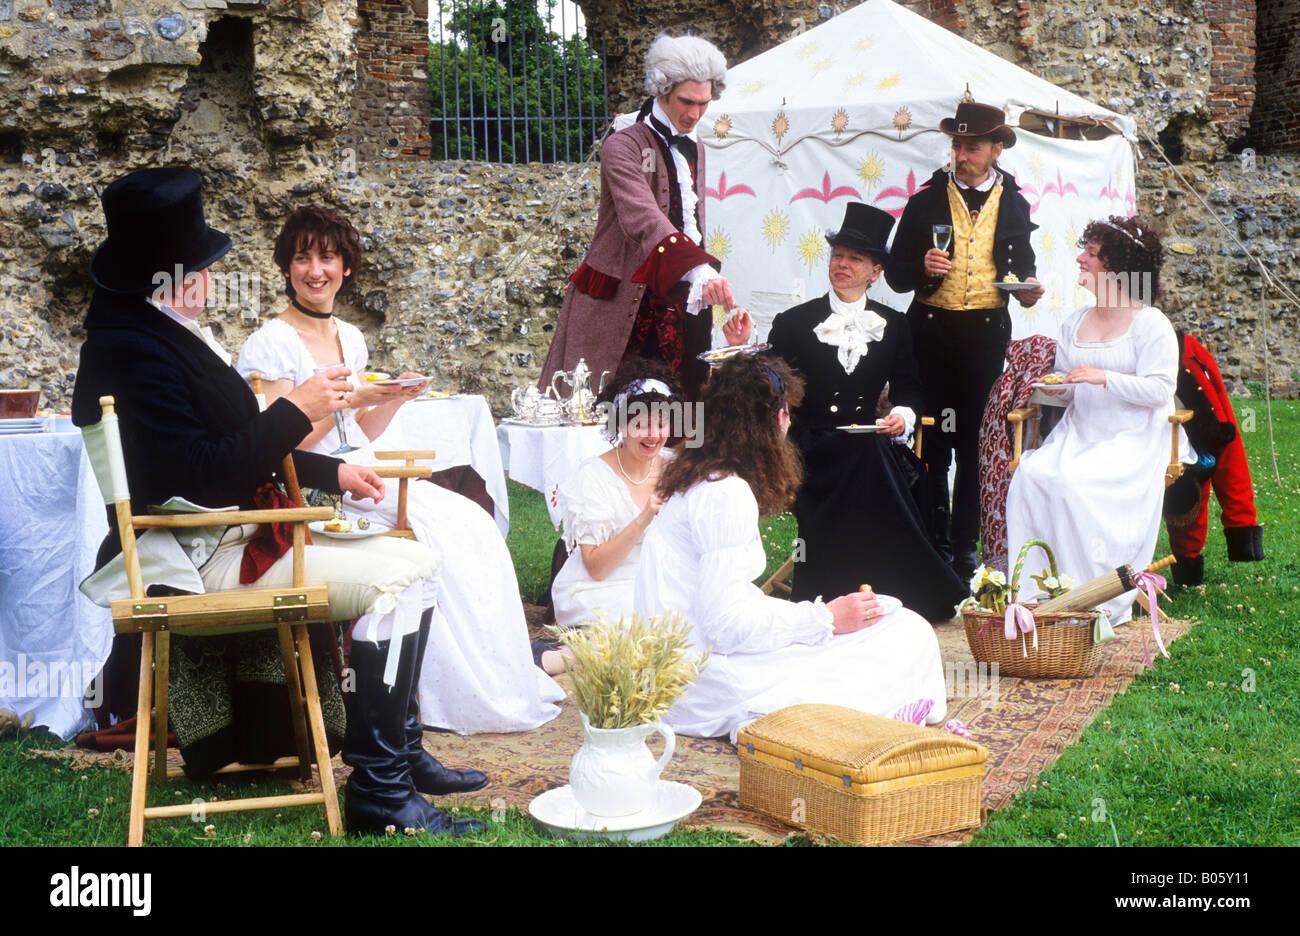 Regency período de reconstrucción histórica 1815 gentry siervo carpa obstaculizan el vino blanco Imagen De Stock